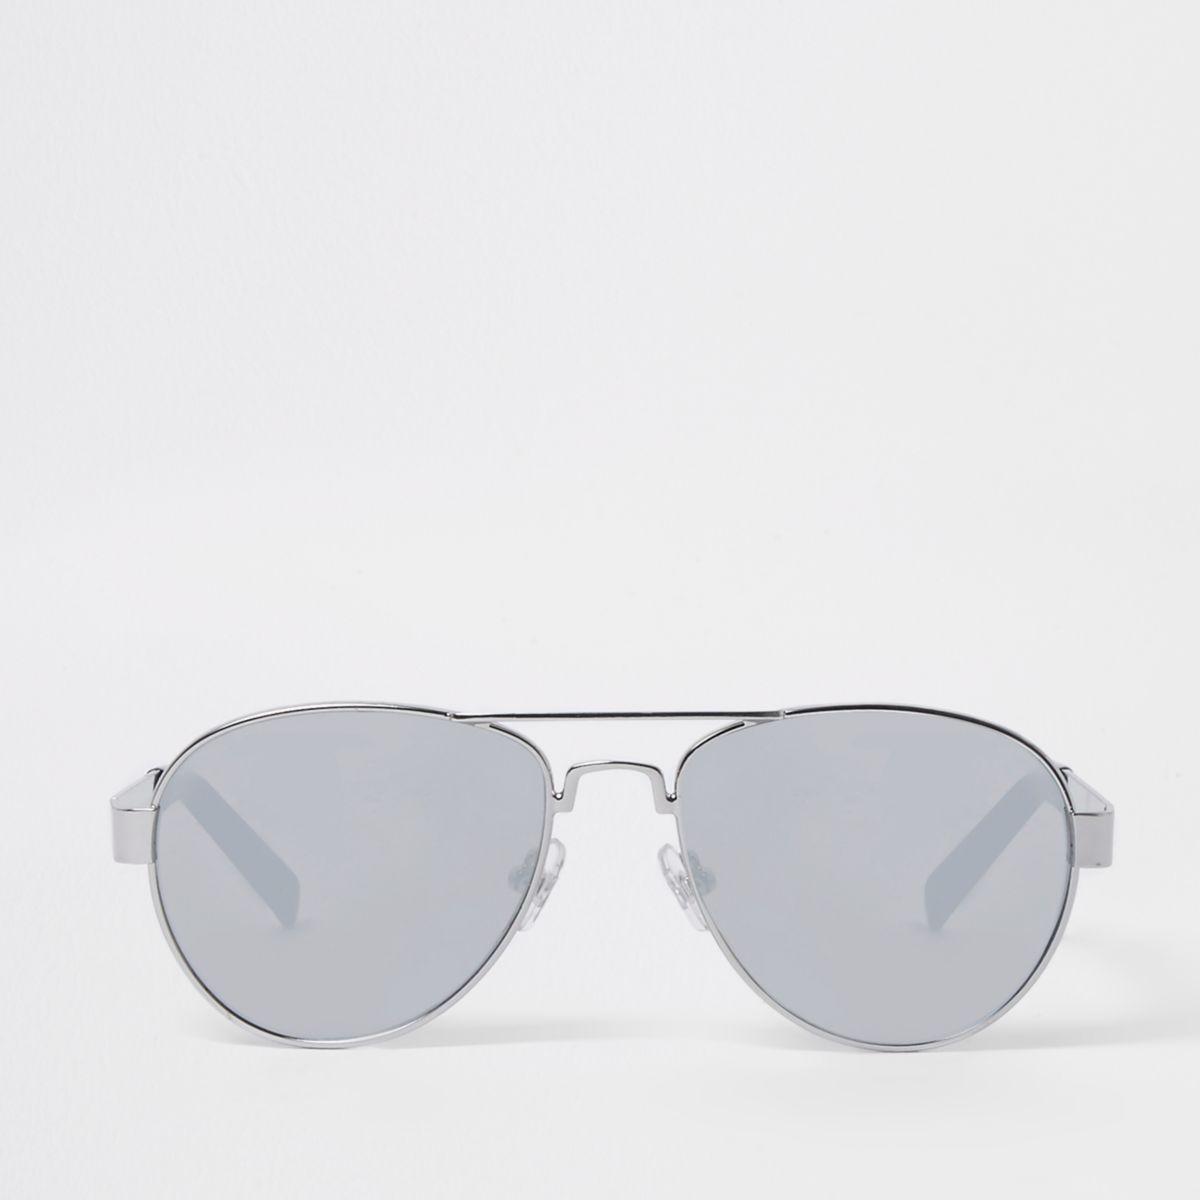 Lunettes de soleil aviateur argentées effet miroir pour garçon